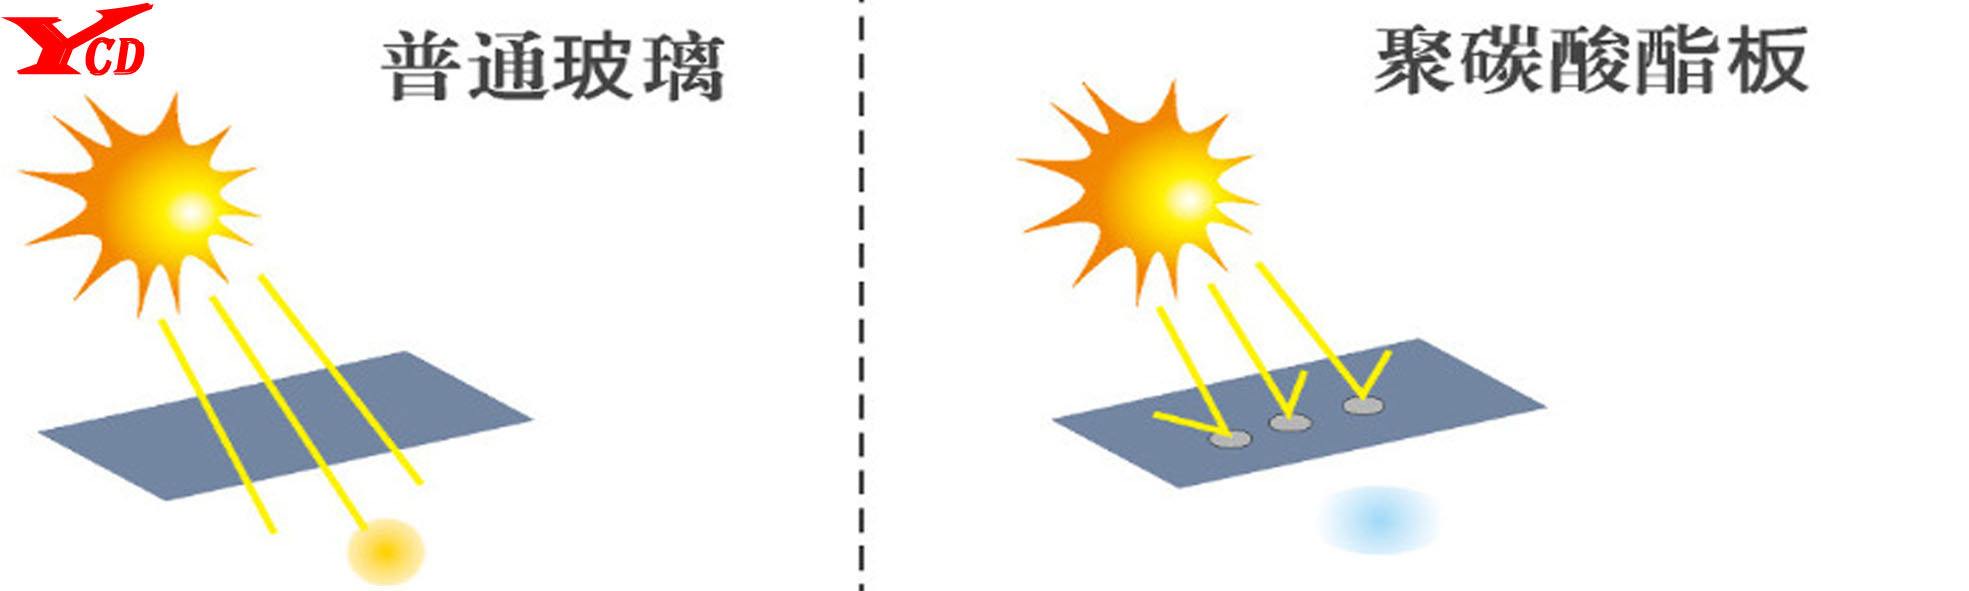 耐力板车棚|车棚-山东亿彩达遮阳节能科技有限公司